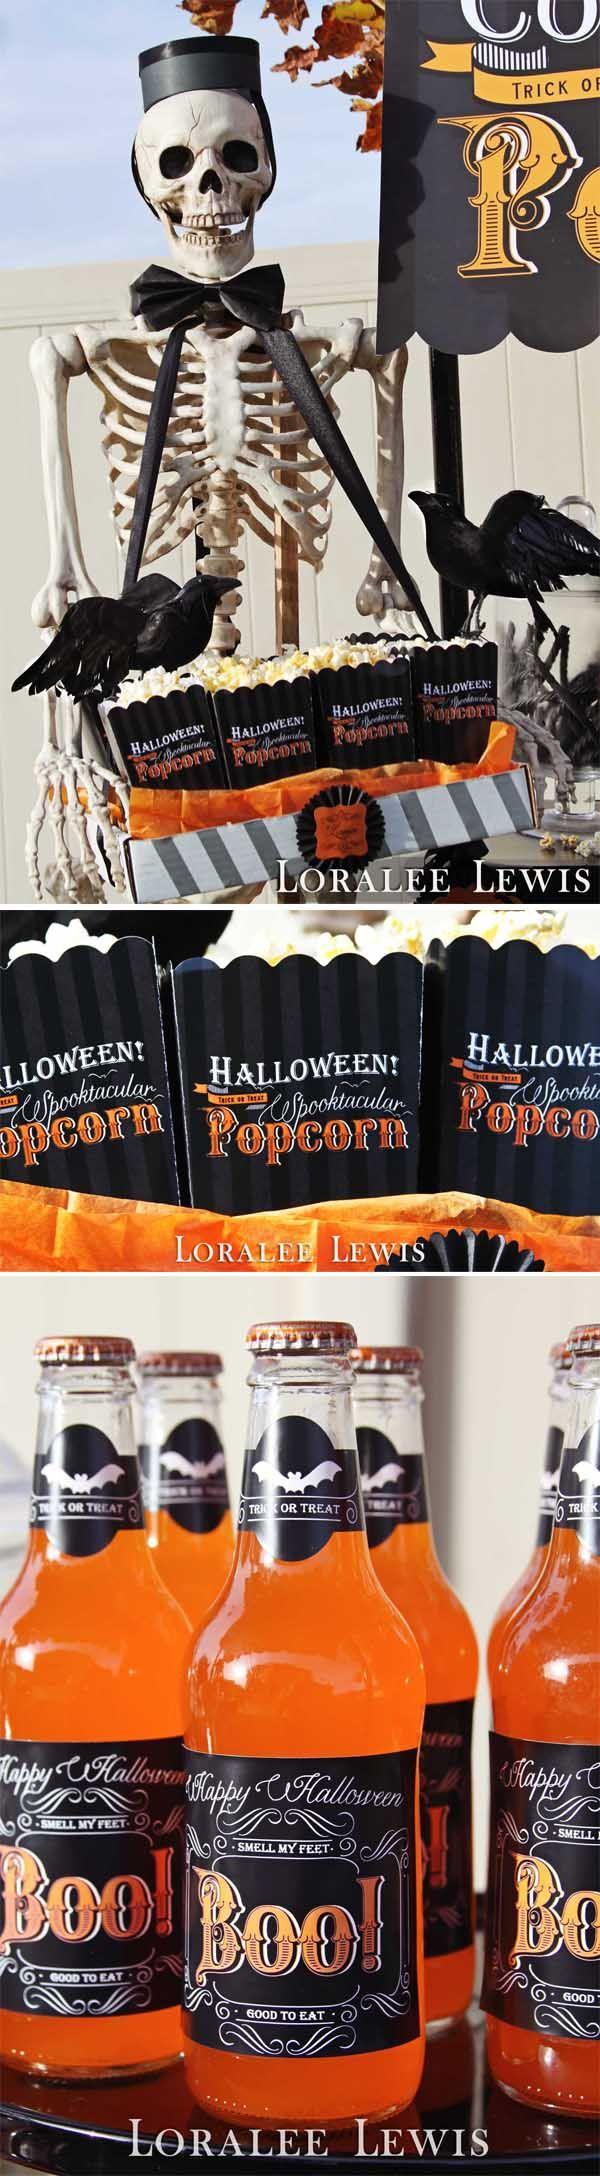 Loralee Lewis Halloween Drive-In Movie Night, www.LoraleeLewis.com